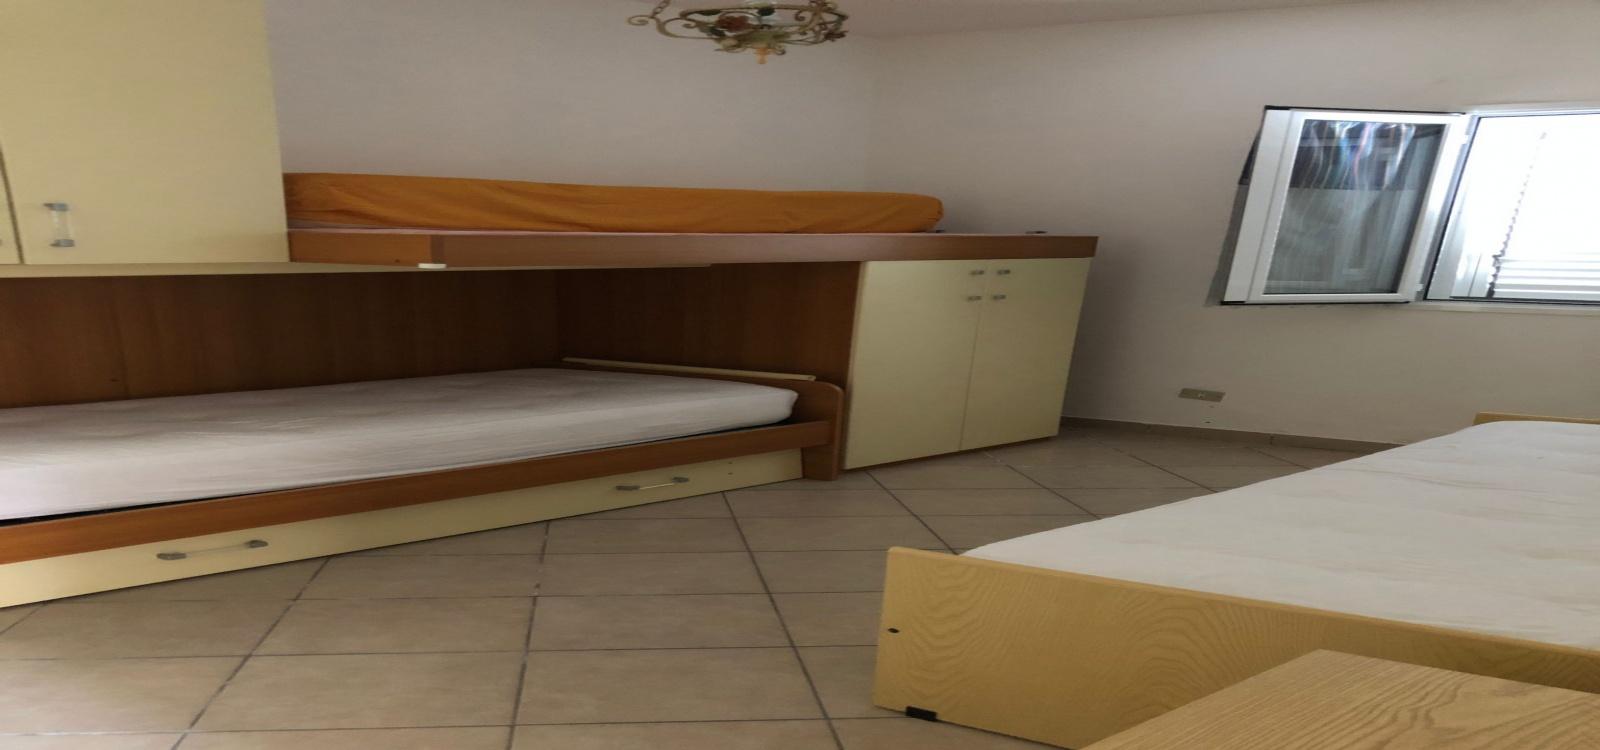 ARENELLA,SIRACUSA,96100,Villa,ARENELLA,2348